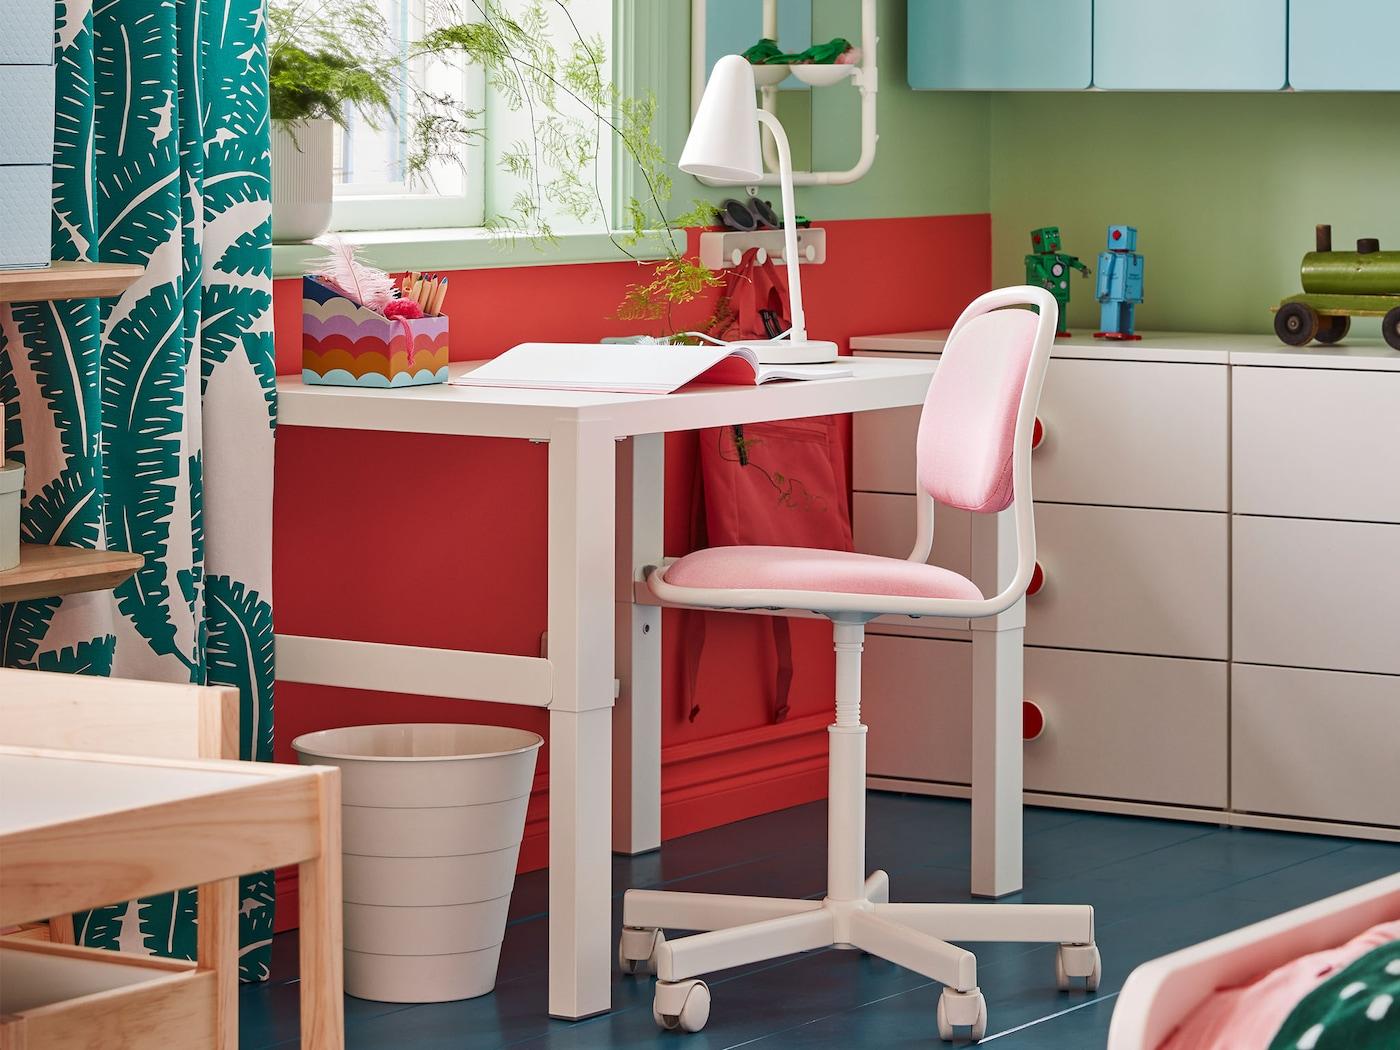 Ruang belajar - IKEA Malaysia